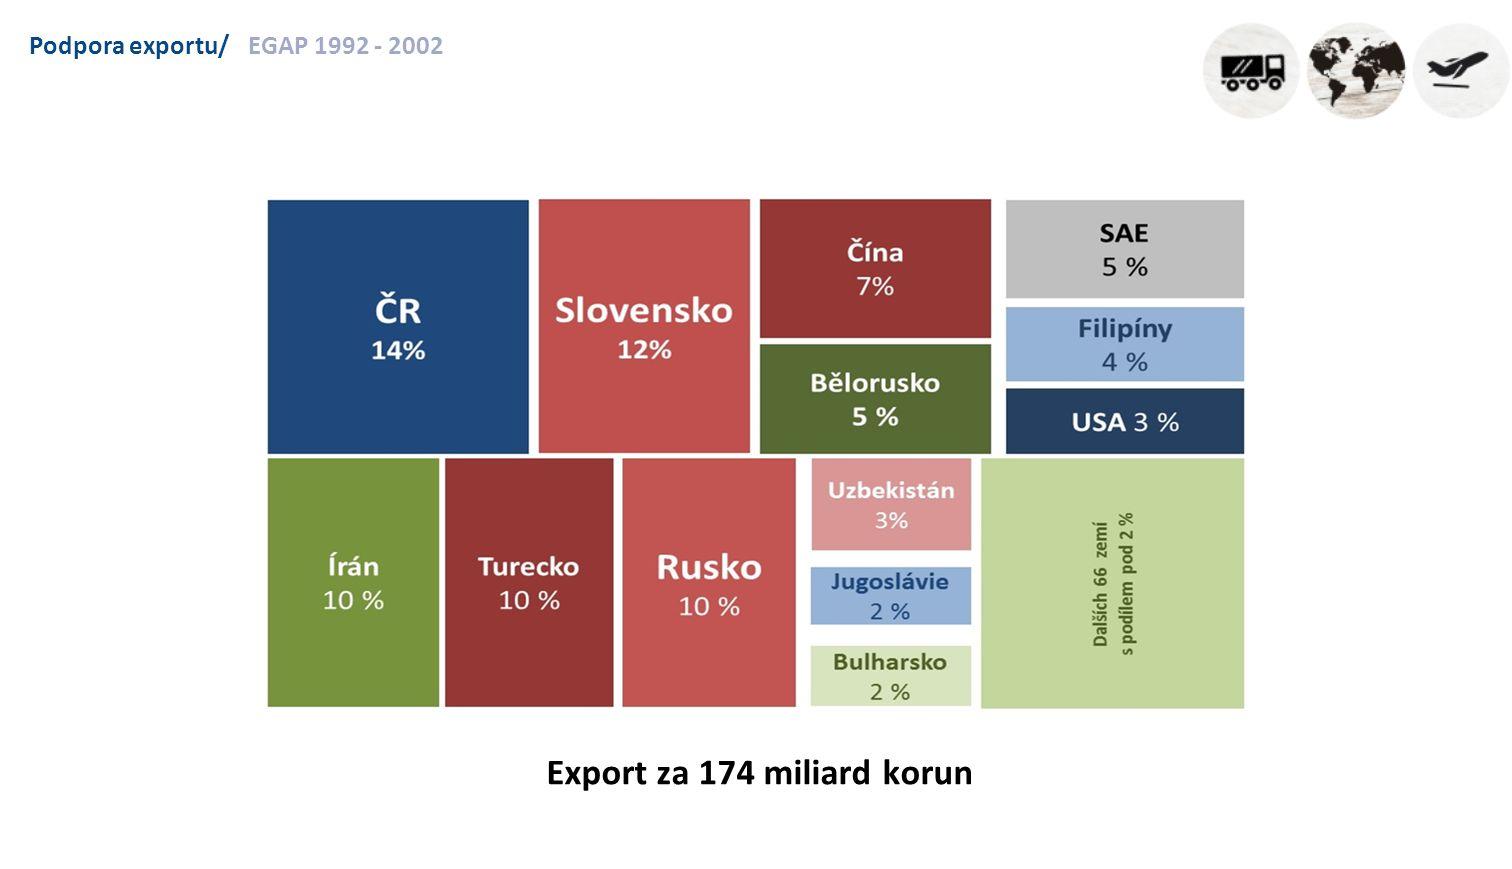 Podpora exportu/EGAP 2003 - 2012 Export za 432 miliard korun